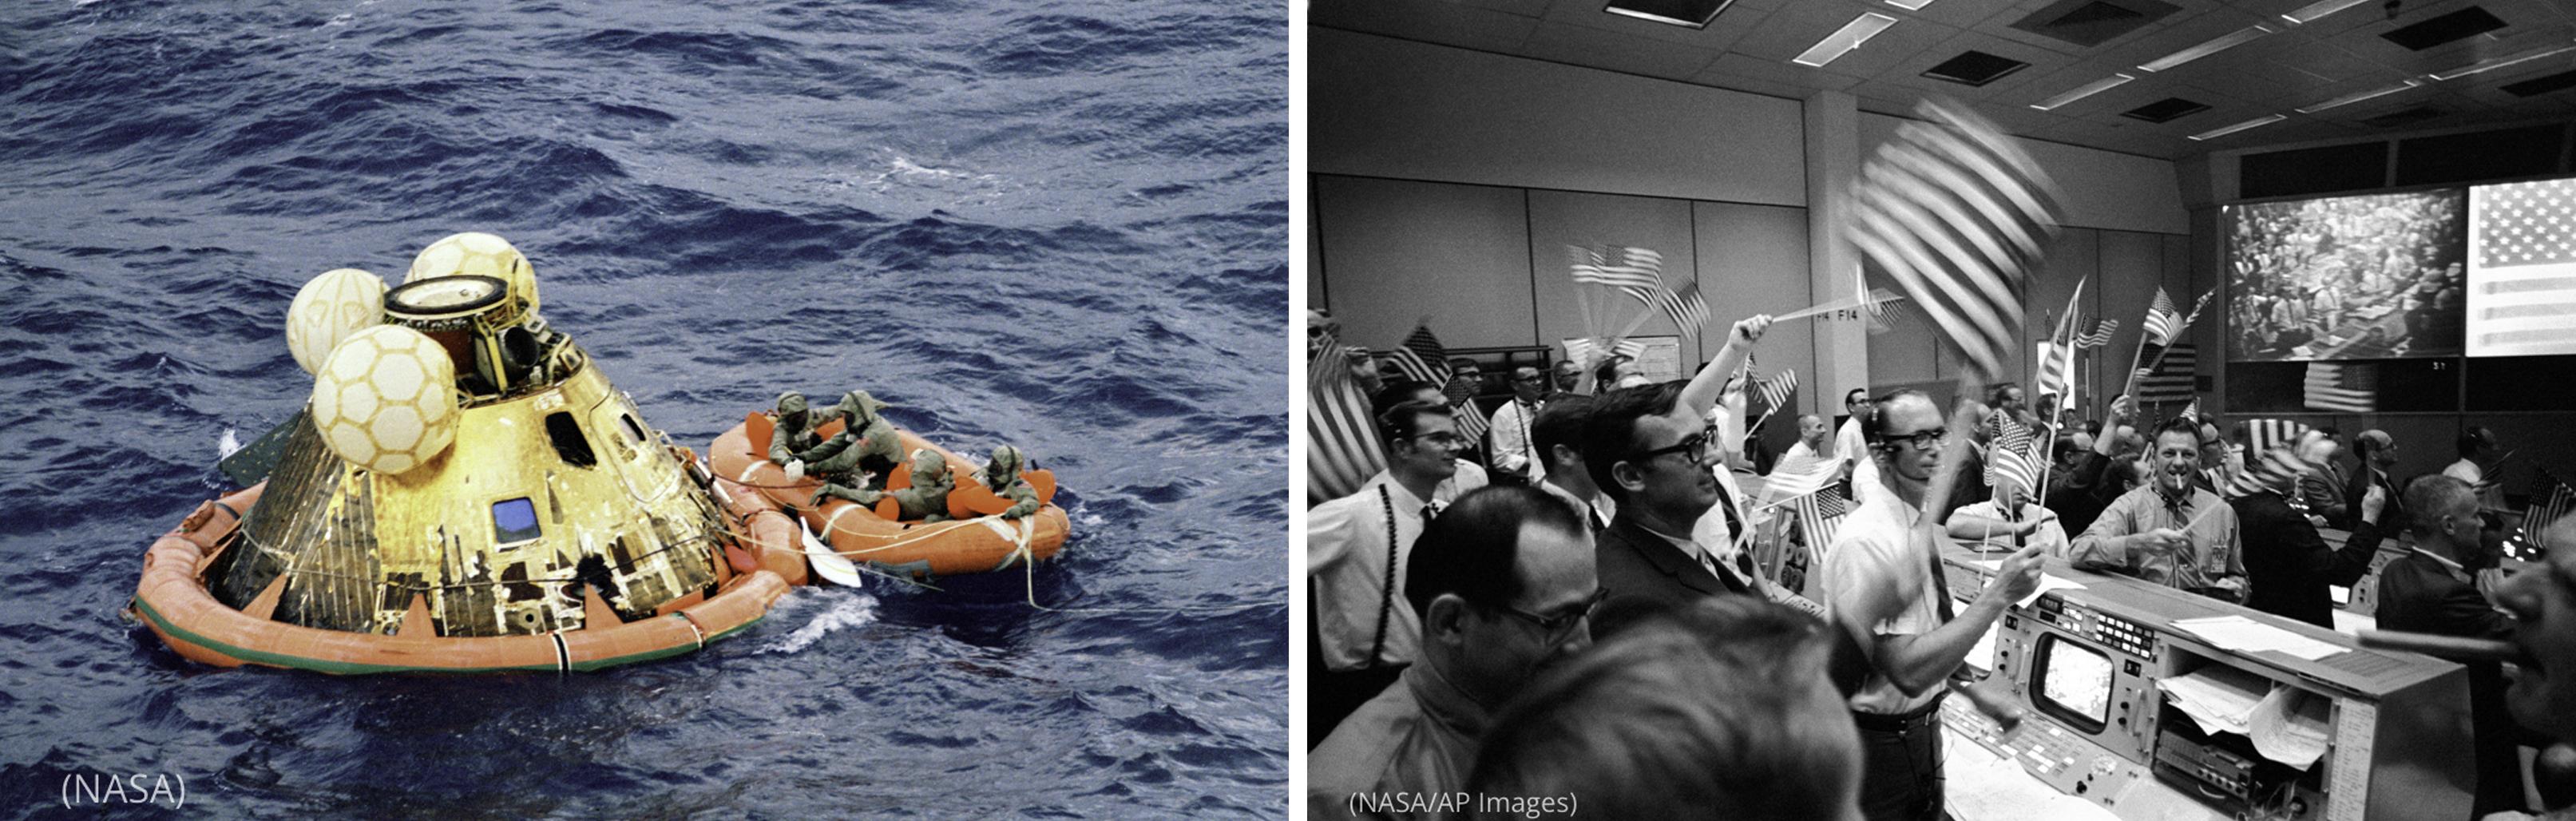 Foto del módulo lunar flotando en el océano (NASA) junto a una foto de hombres que ondean banderas estadounidenses en un cuarto con computadoras y una enorme pantalla elevada (NASA/AP Images)